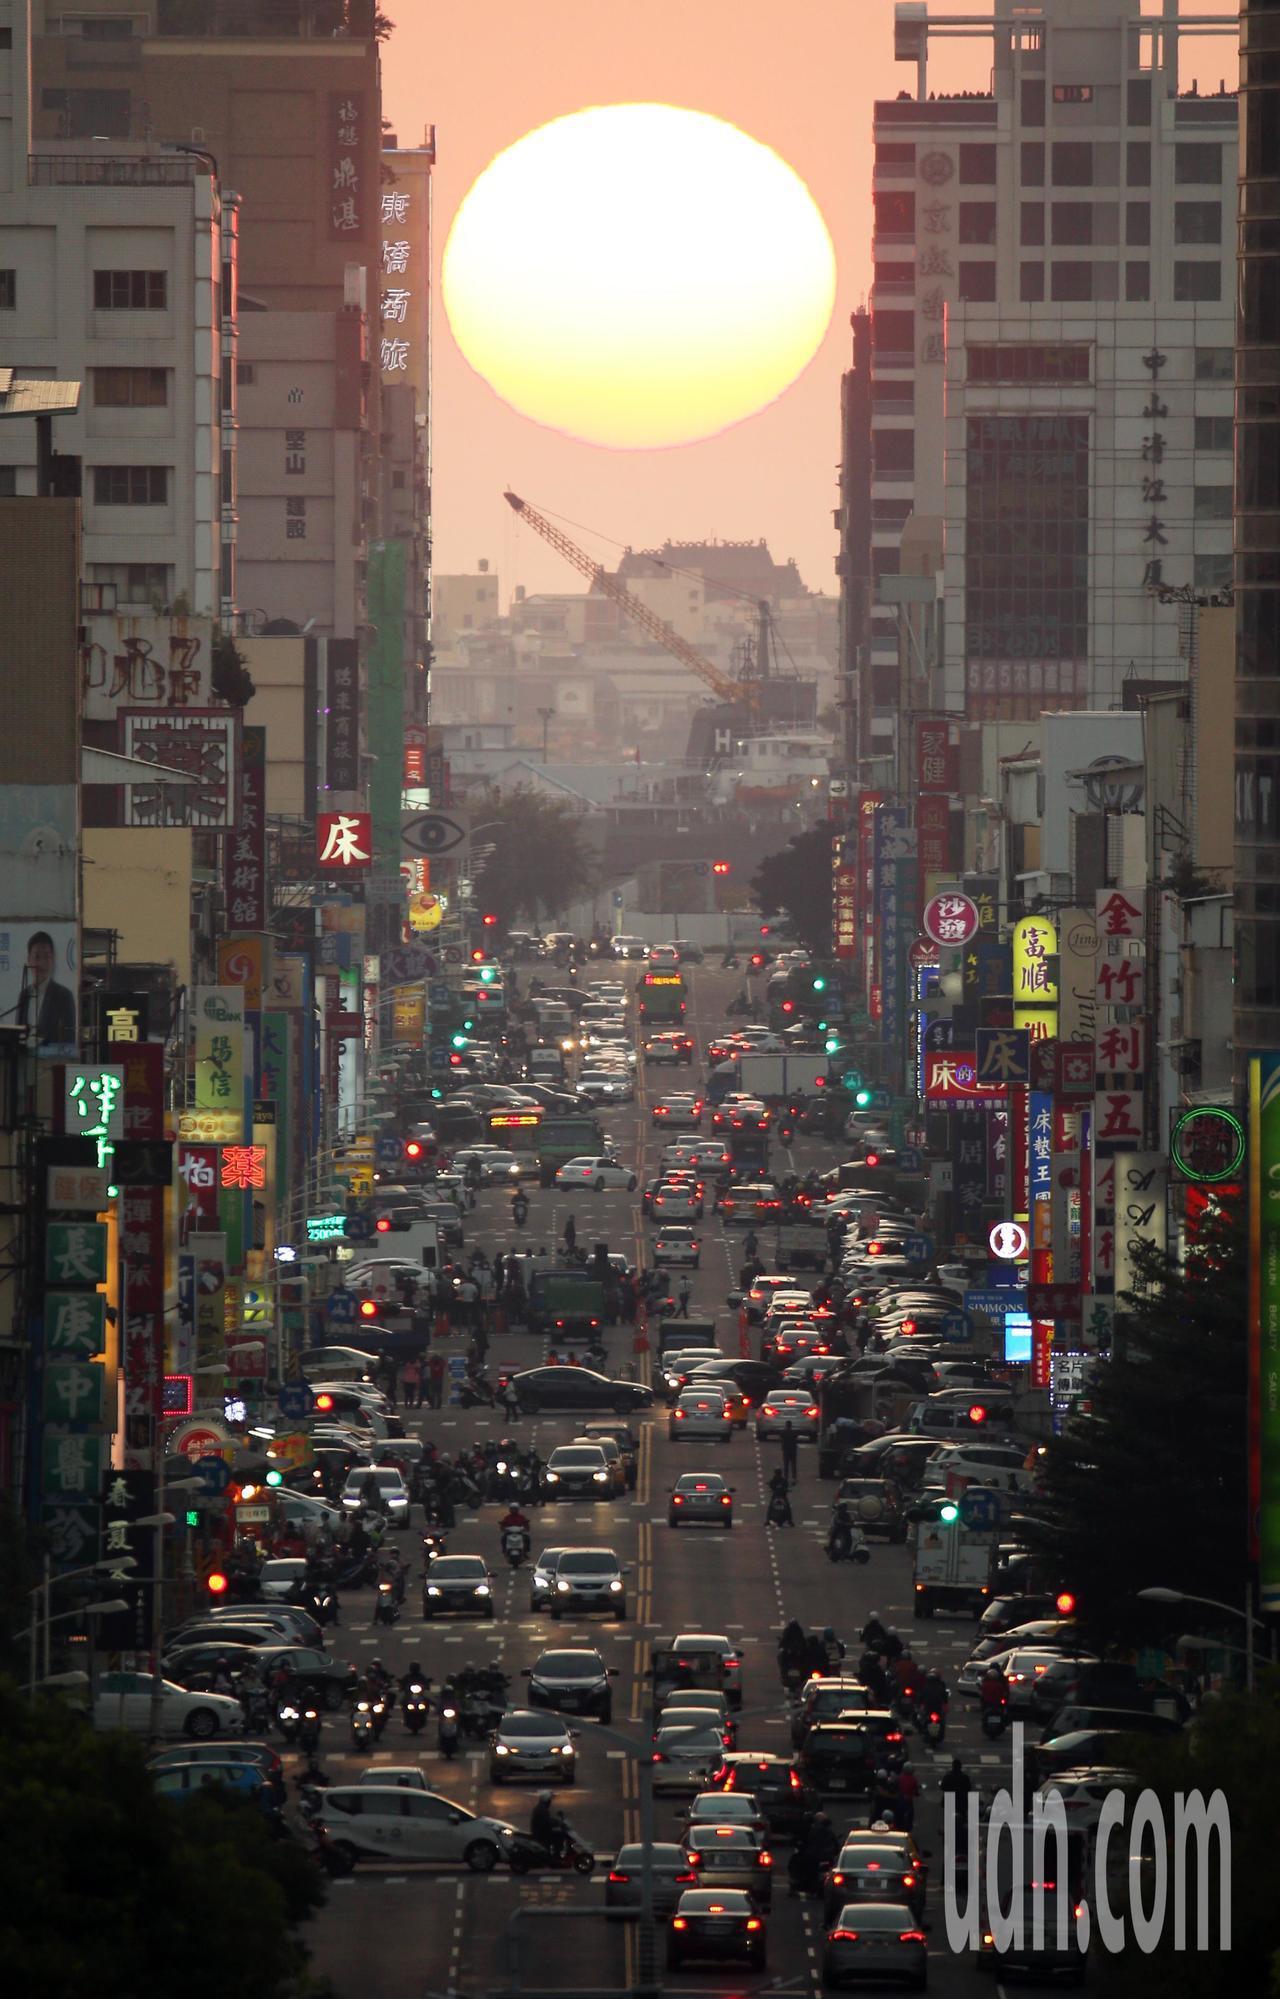 高雄青年路懸日美景今年1月底出現,火紅的夕陽緩緩地從青年路底慢慢落下,金黃陽光映...